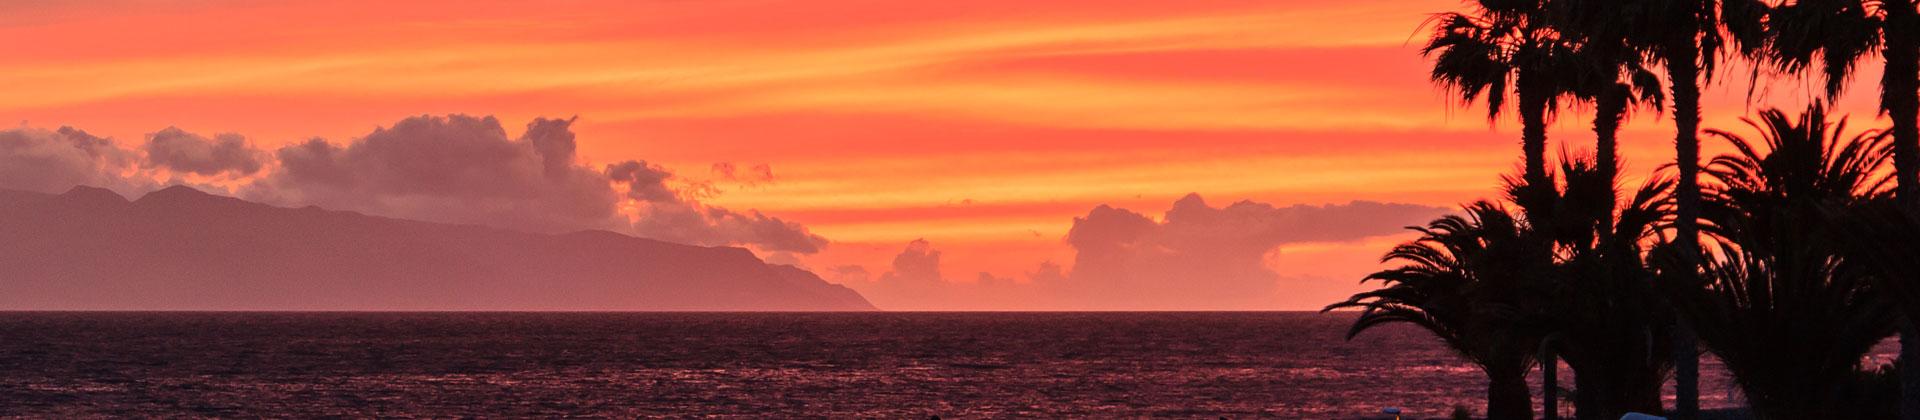 https://www.goodmorningtenerife.com/wp-content/uploads/2014/08/01_slide_sunset_GM_Tenerife.jpg